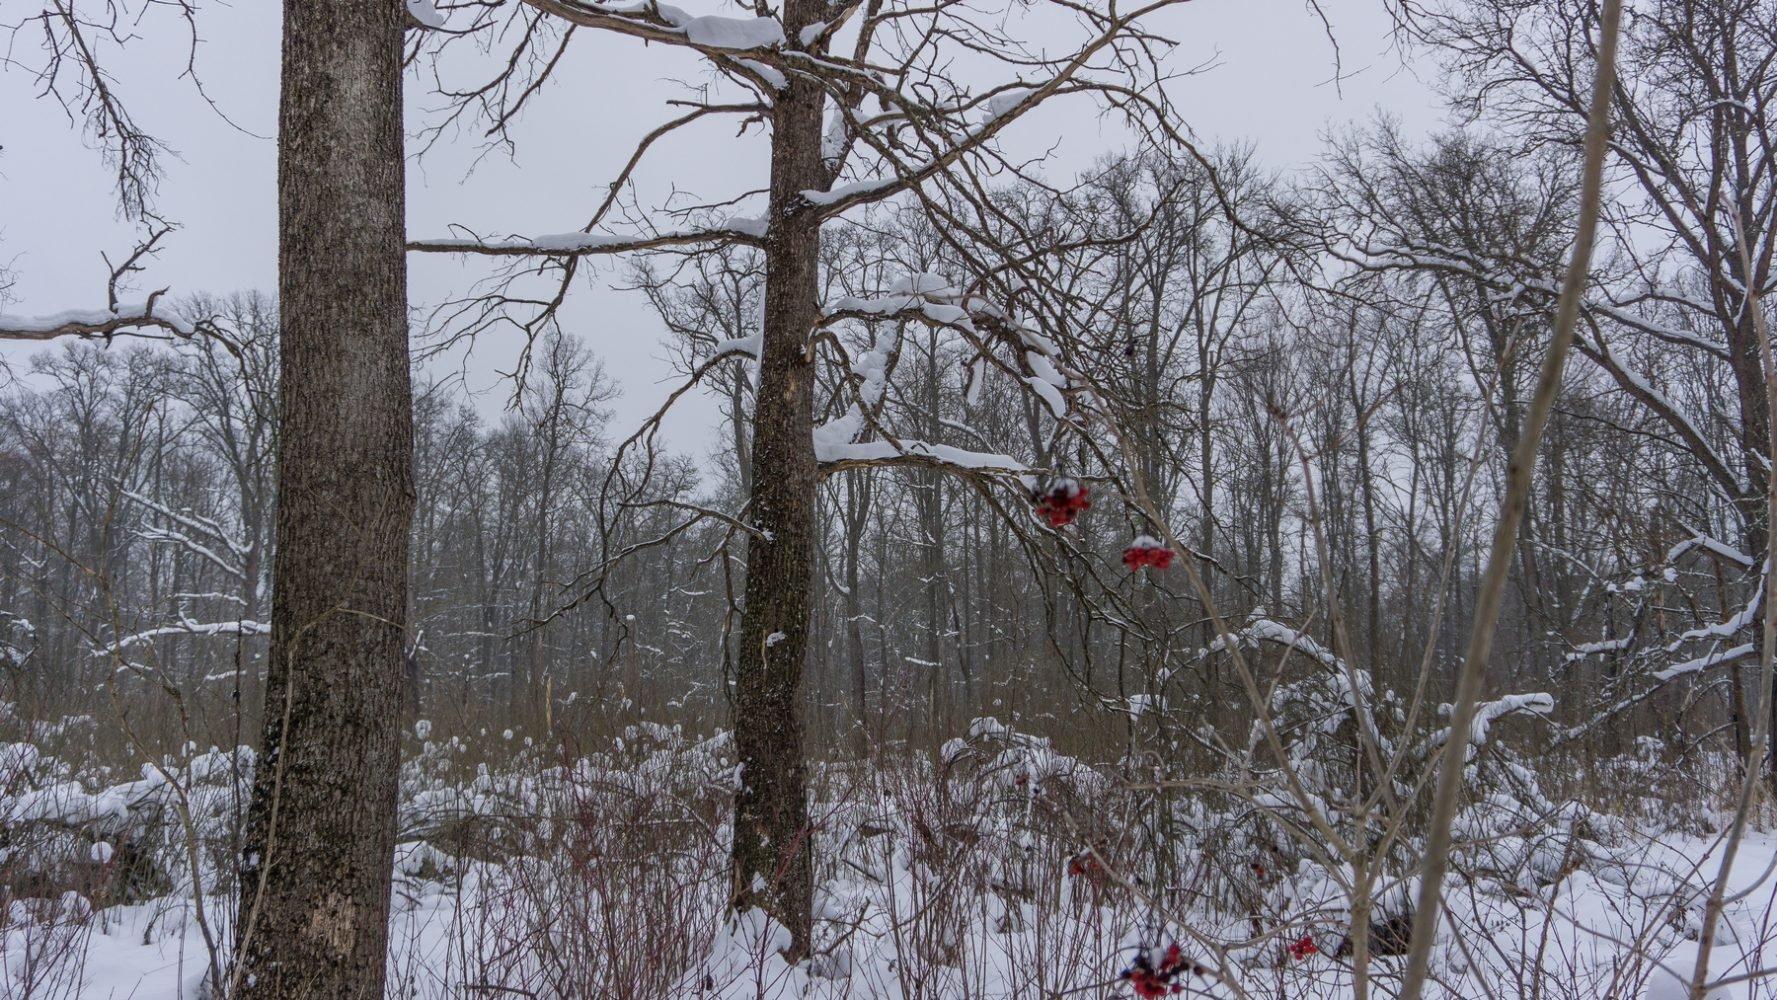 Калина на болоте в урочище Выпуск